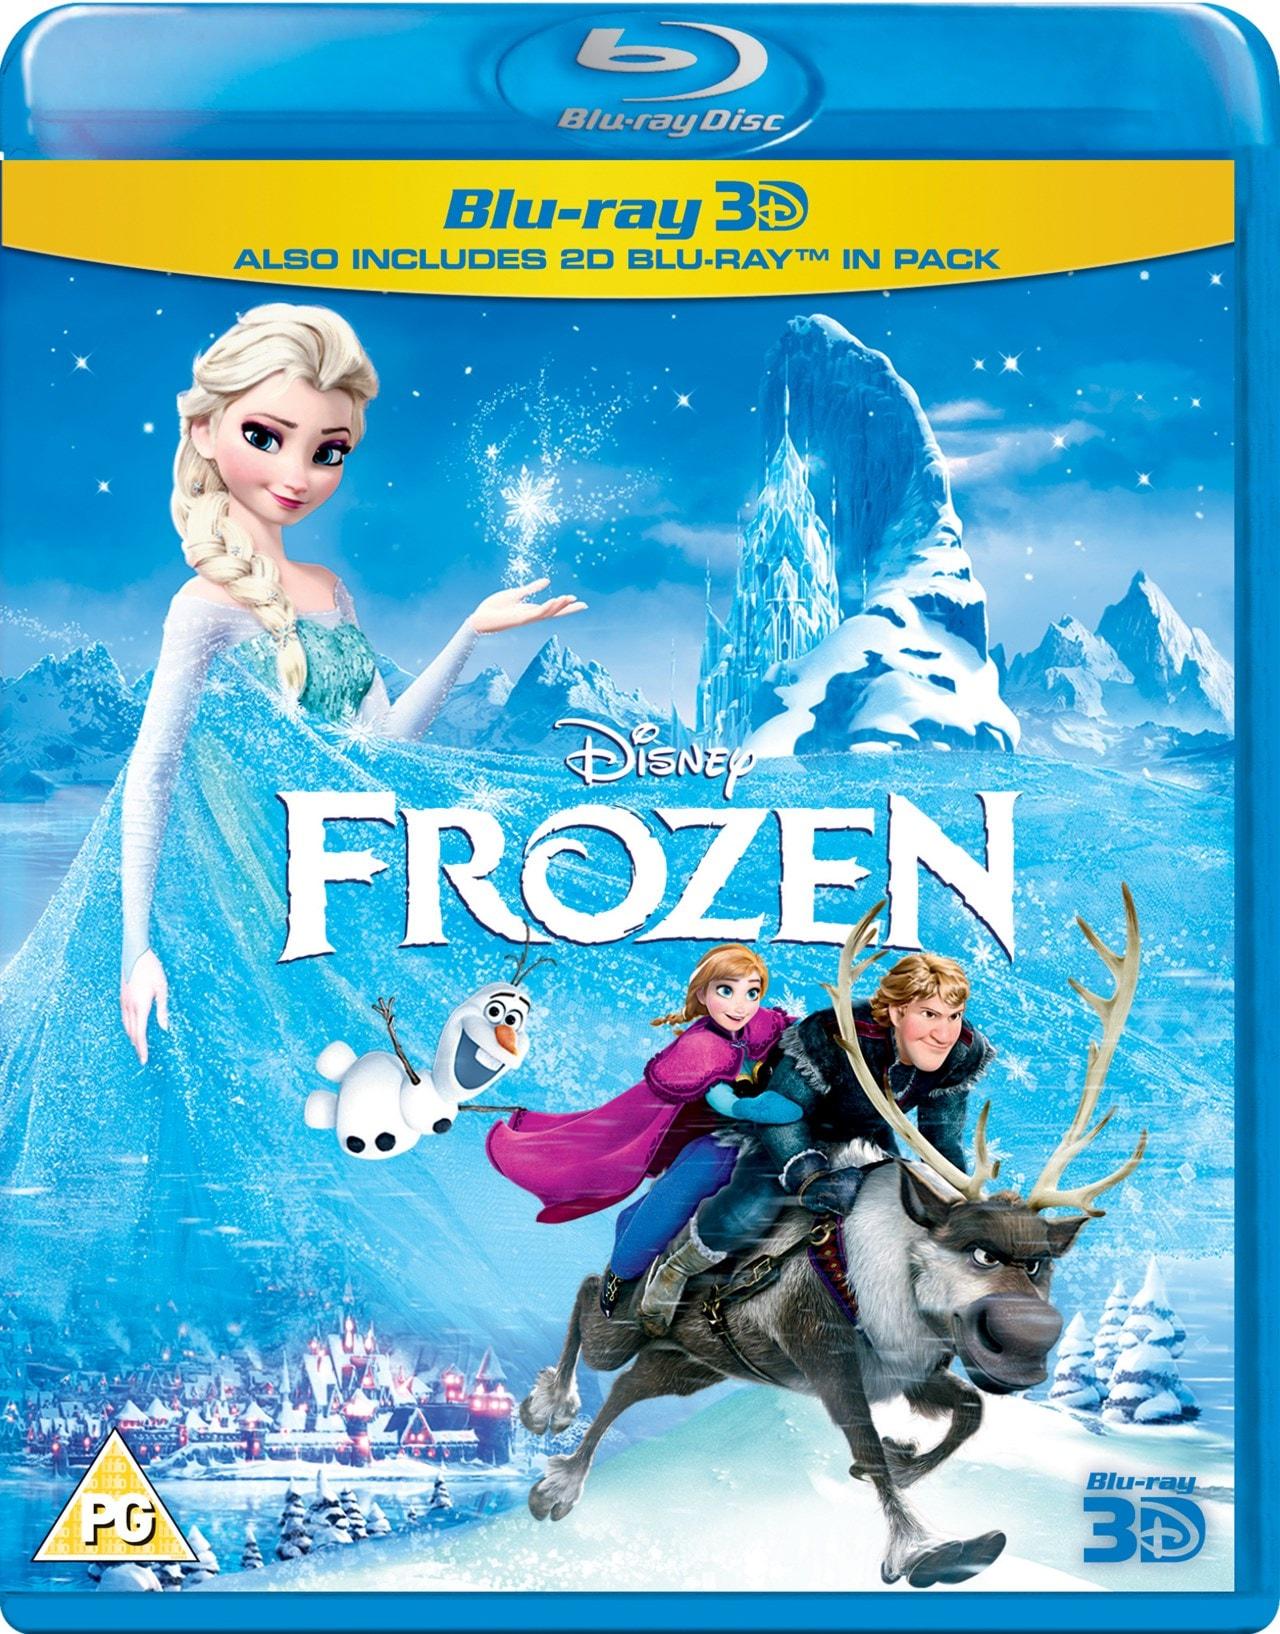 Frozen - 3